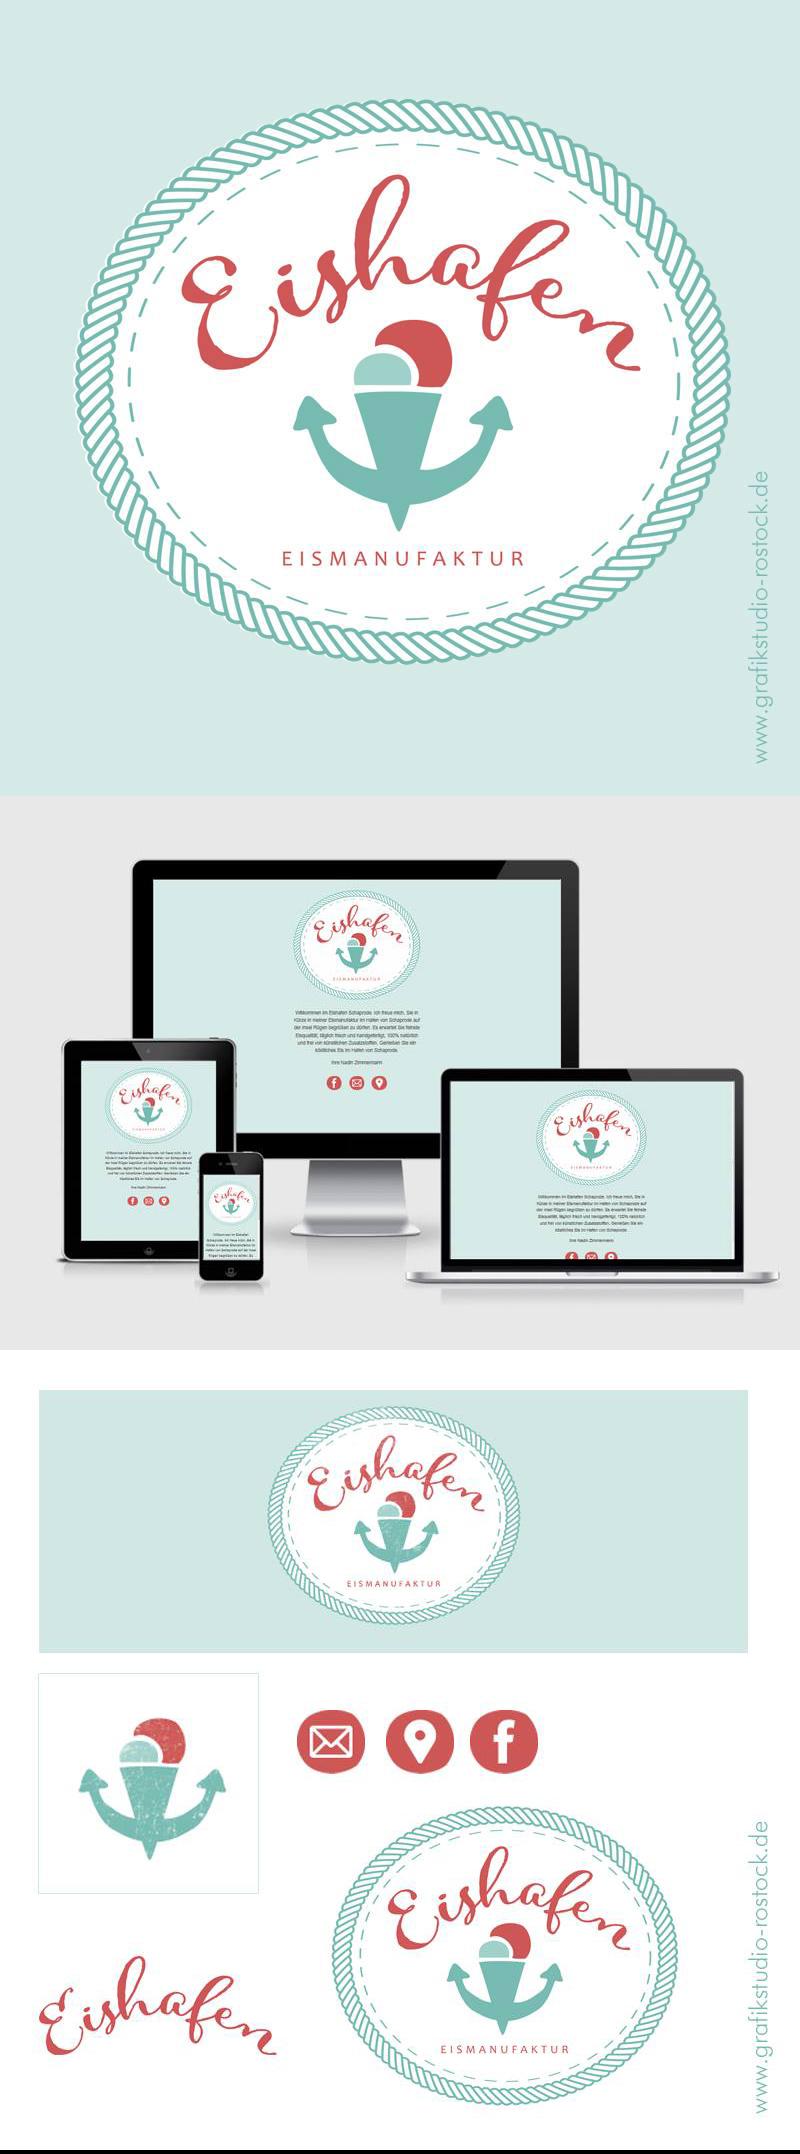 Logo Corporate Design Eisdiele Eishafen Schaprode auf Rügen Grafikdesign Grafikstudio Rostock